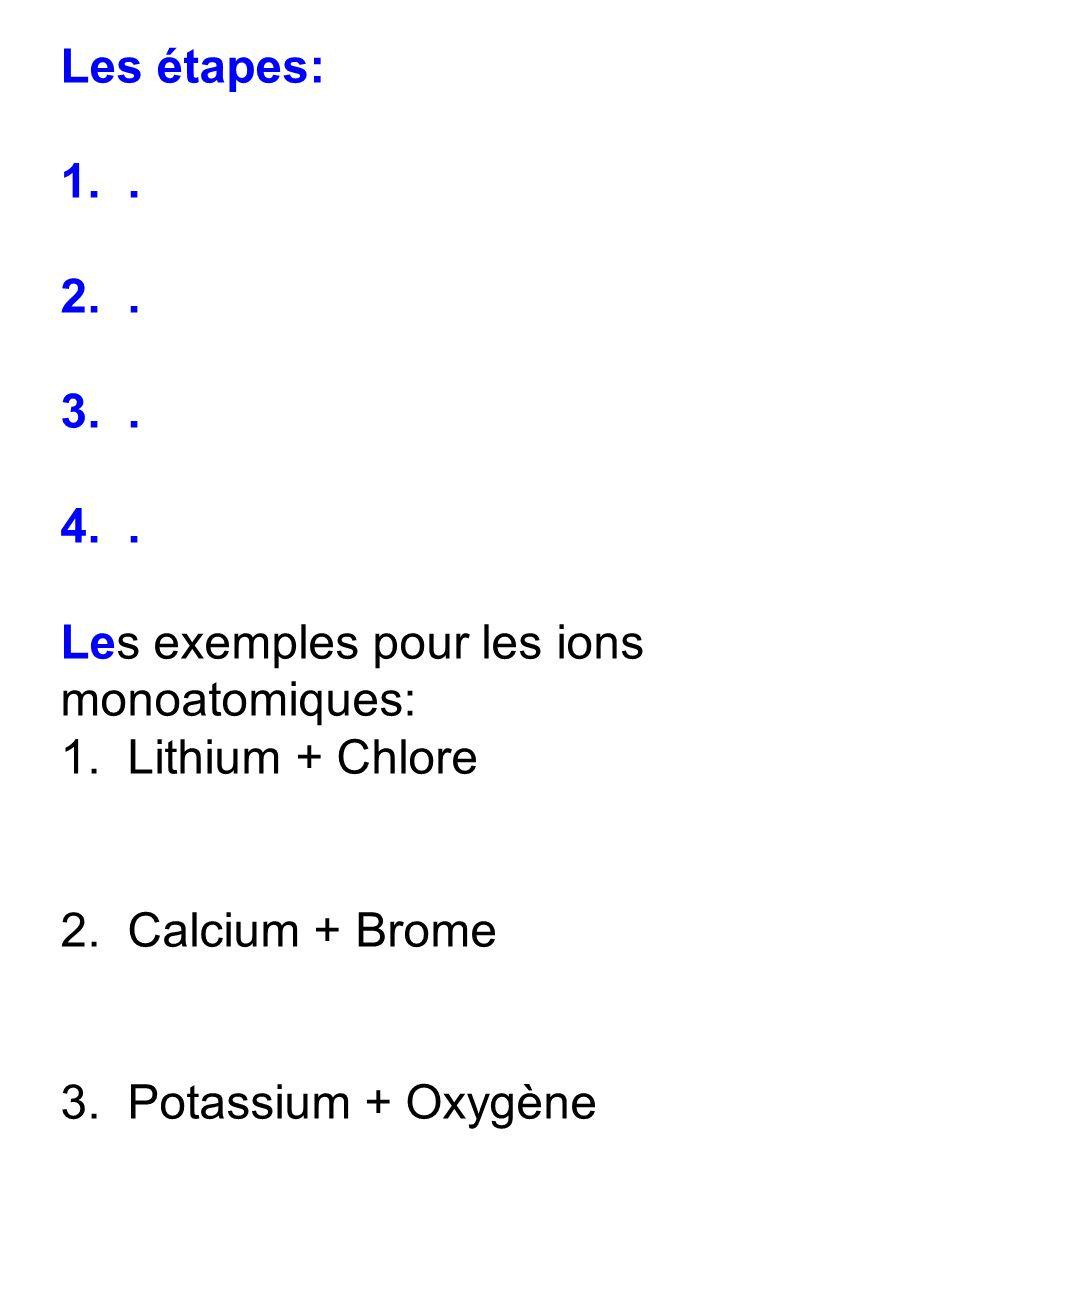 Les étapes: 1. . 2. . 3. . 4. . Les exemples pour les ions monoatomiques: 1. Lithium + Chlore.